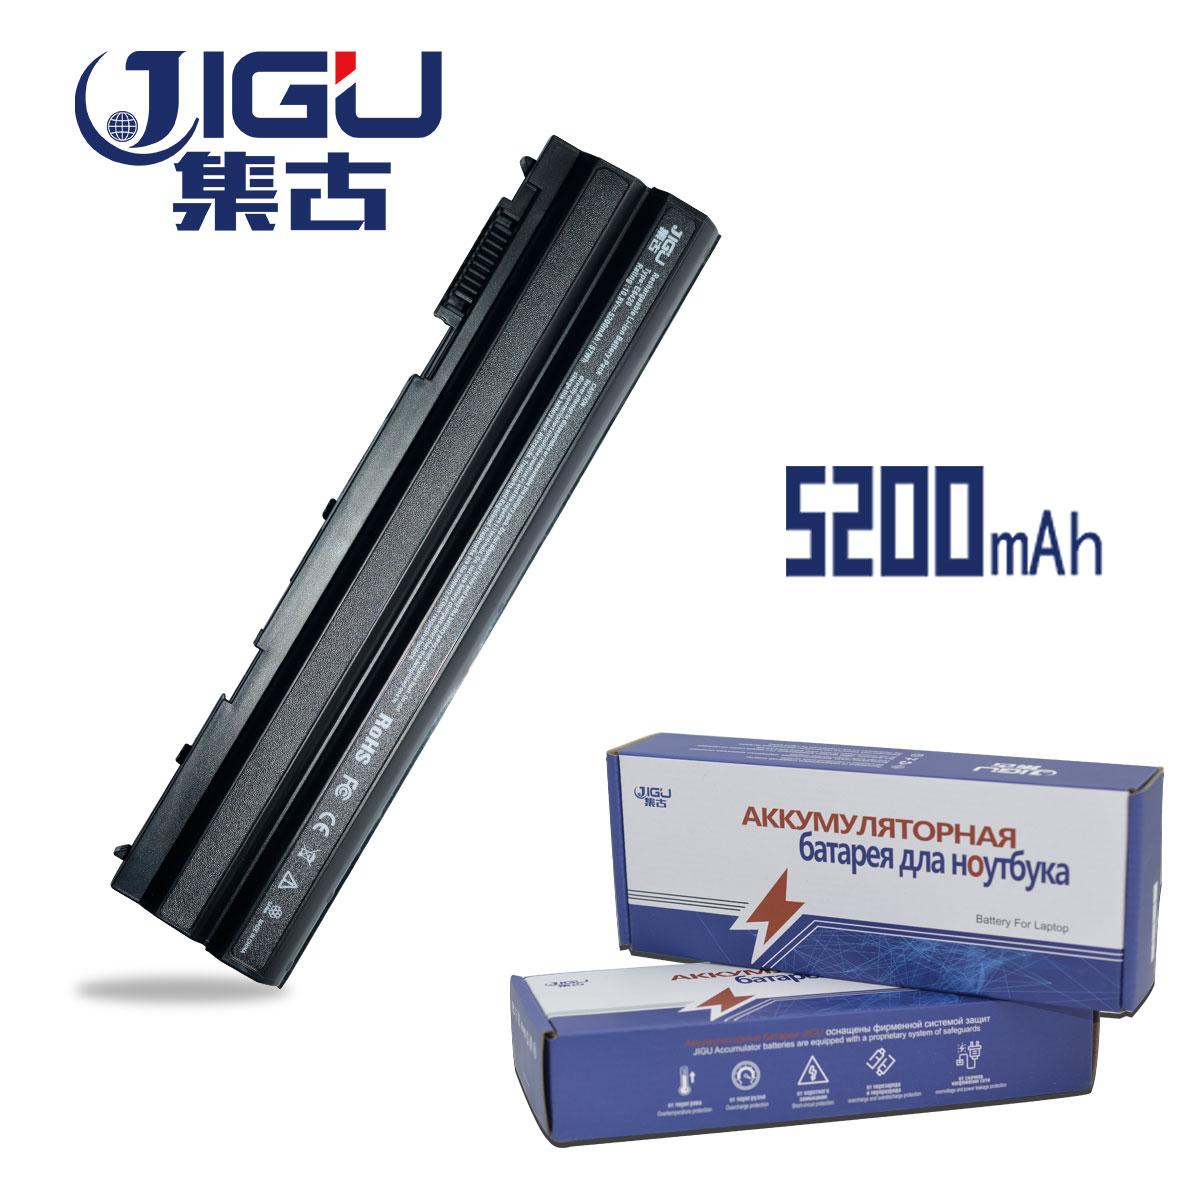 JIGU Laptop Battery For Dell Latitude E5420 E5520 E5530 E6430 E6520 7420 7520 7720 5420 5520 5720 E6440 For Inspiron 14R 15R laptop cpu cooler fan for inspiron dell 17r 5720 7720 3760 5720 turbo ins17td 2728 fan page 9